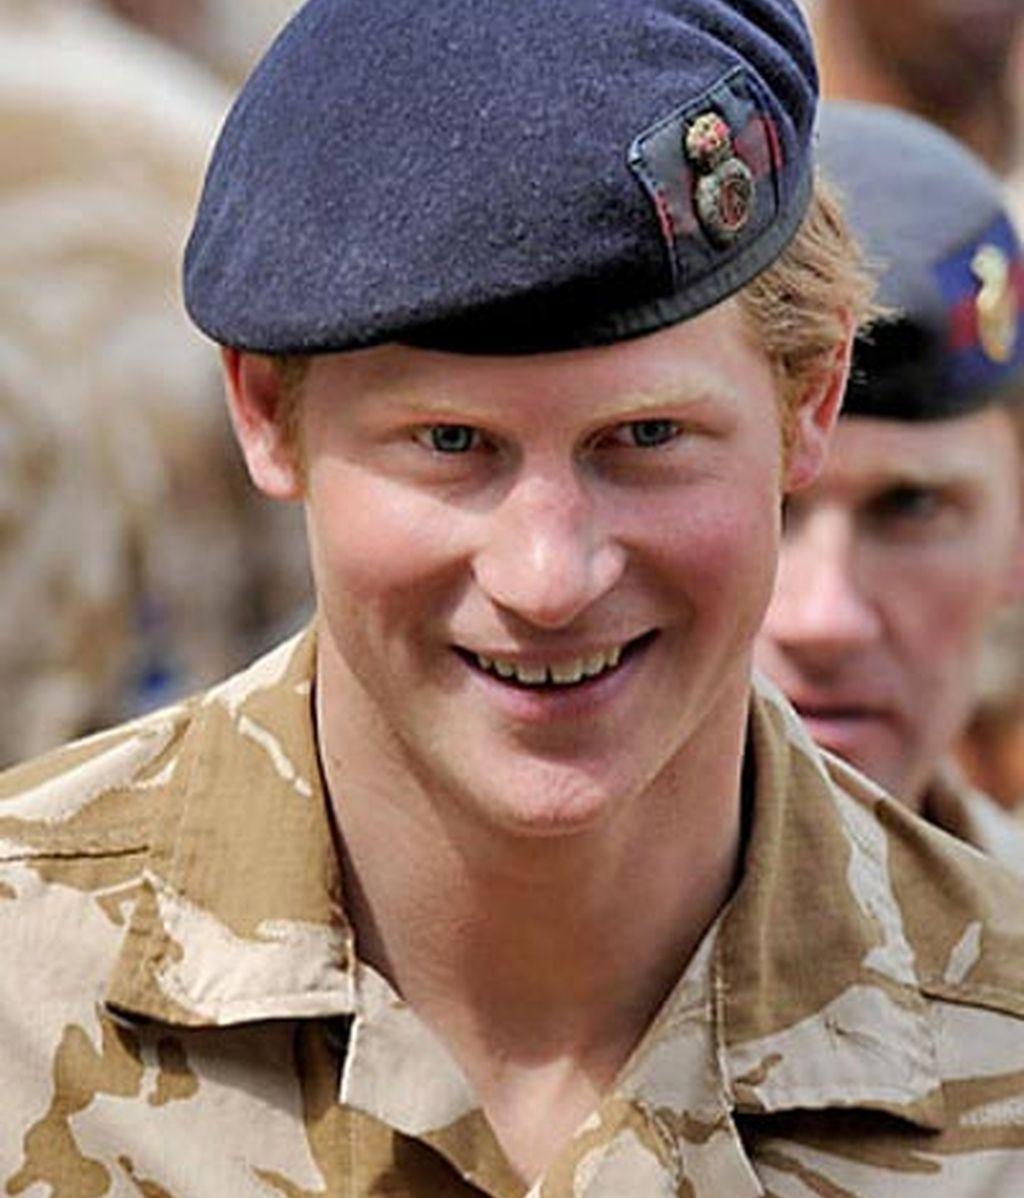 Príncipe Harry de Gales